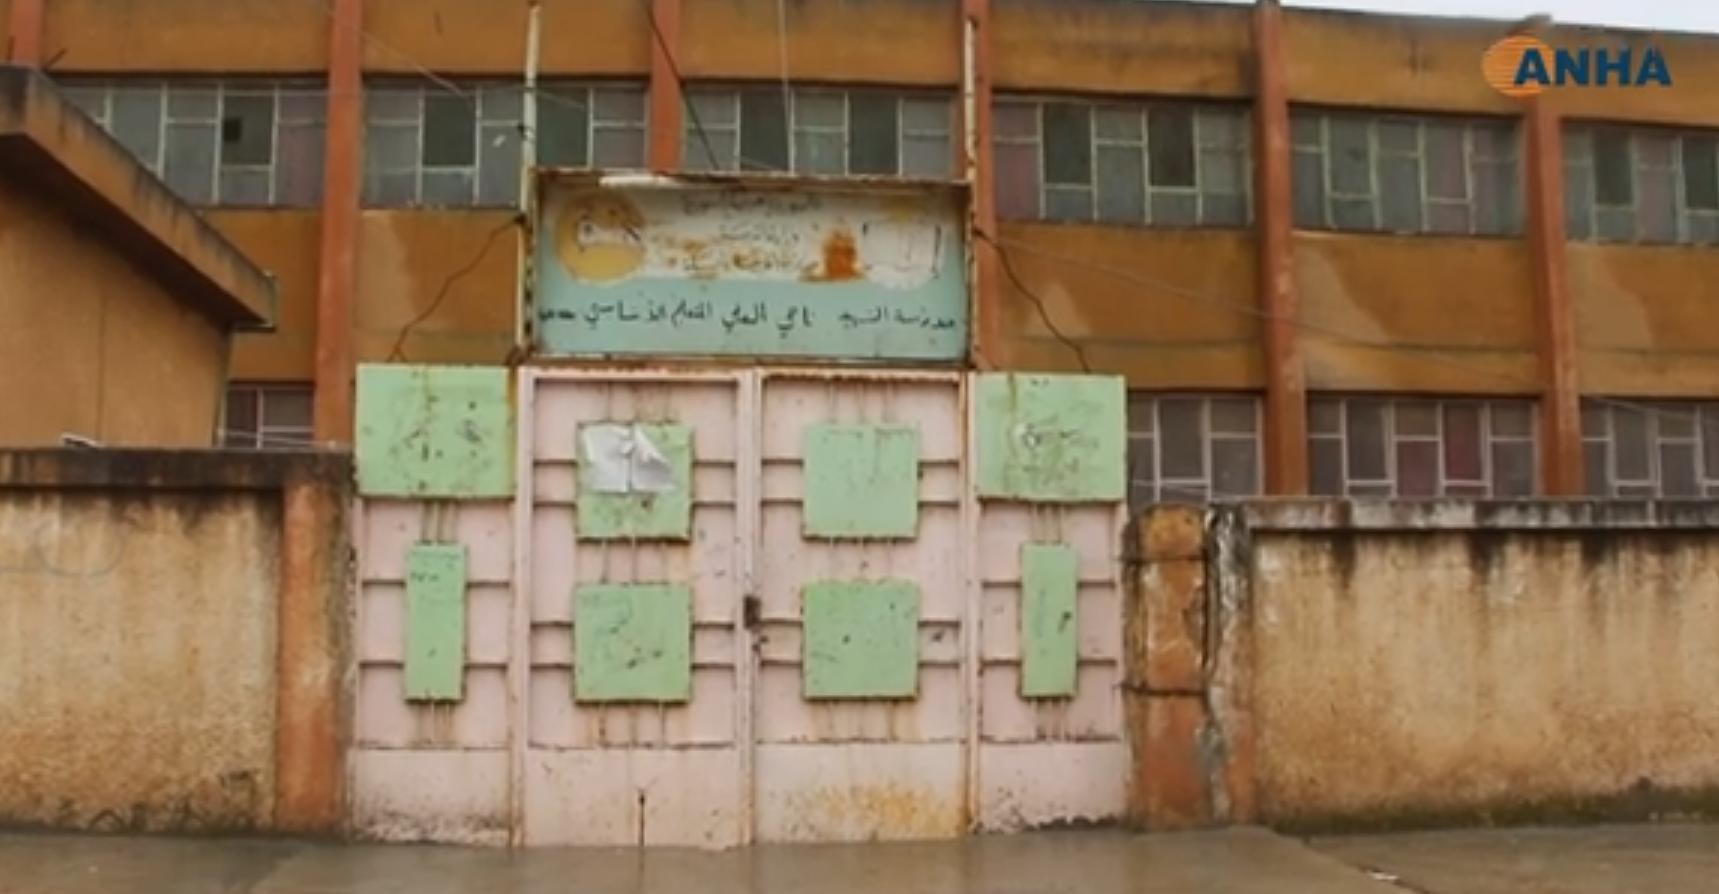 Photo of العشرات من المدارس في زركان وكوباني أغلقت أبوابها نتيجة العداون التركي